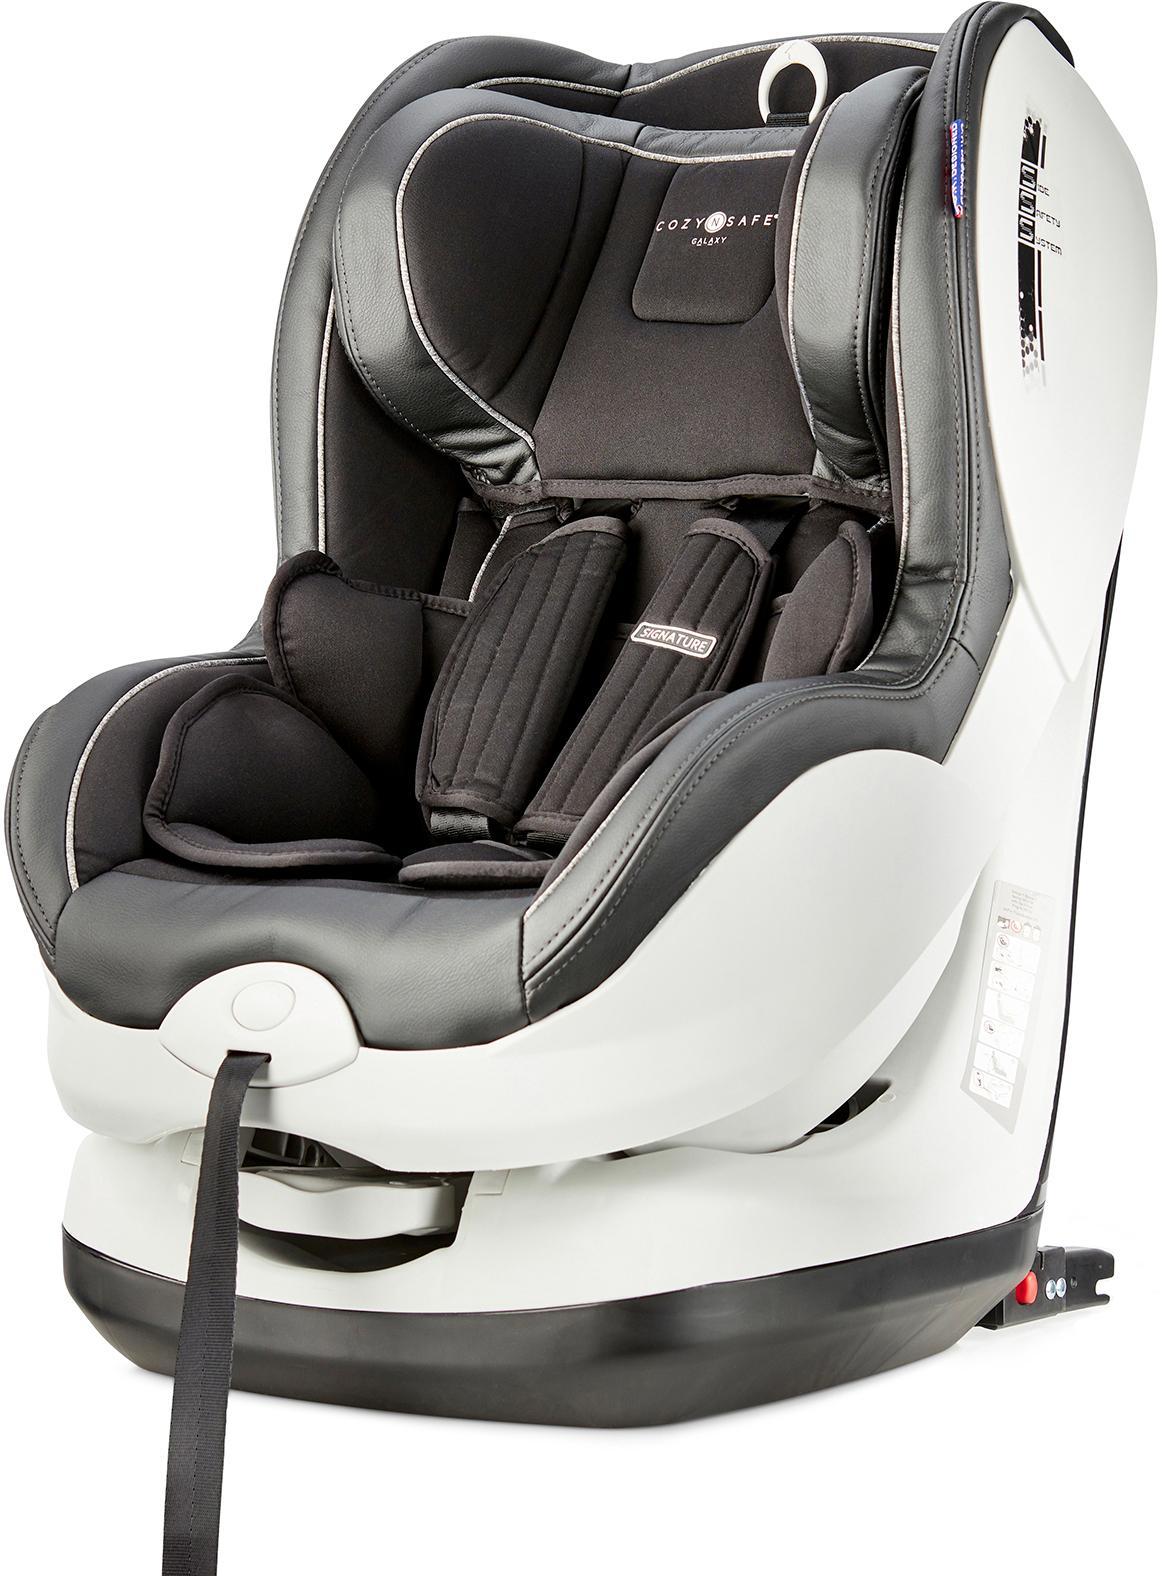 Cozy N Safe Galaxy Car Seat